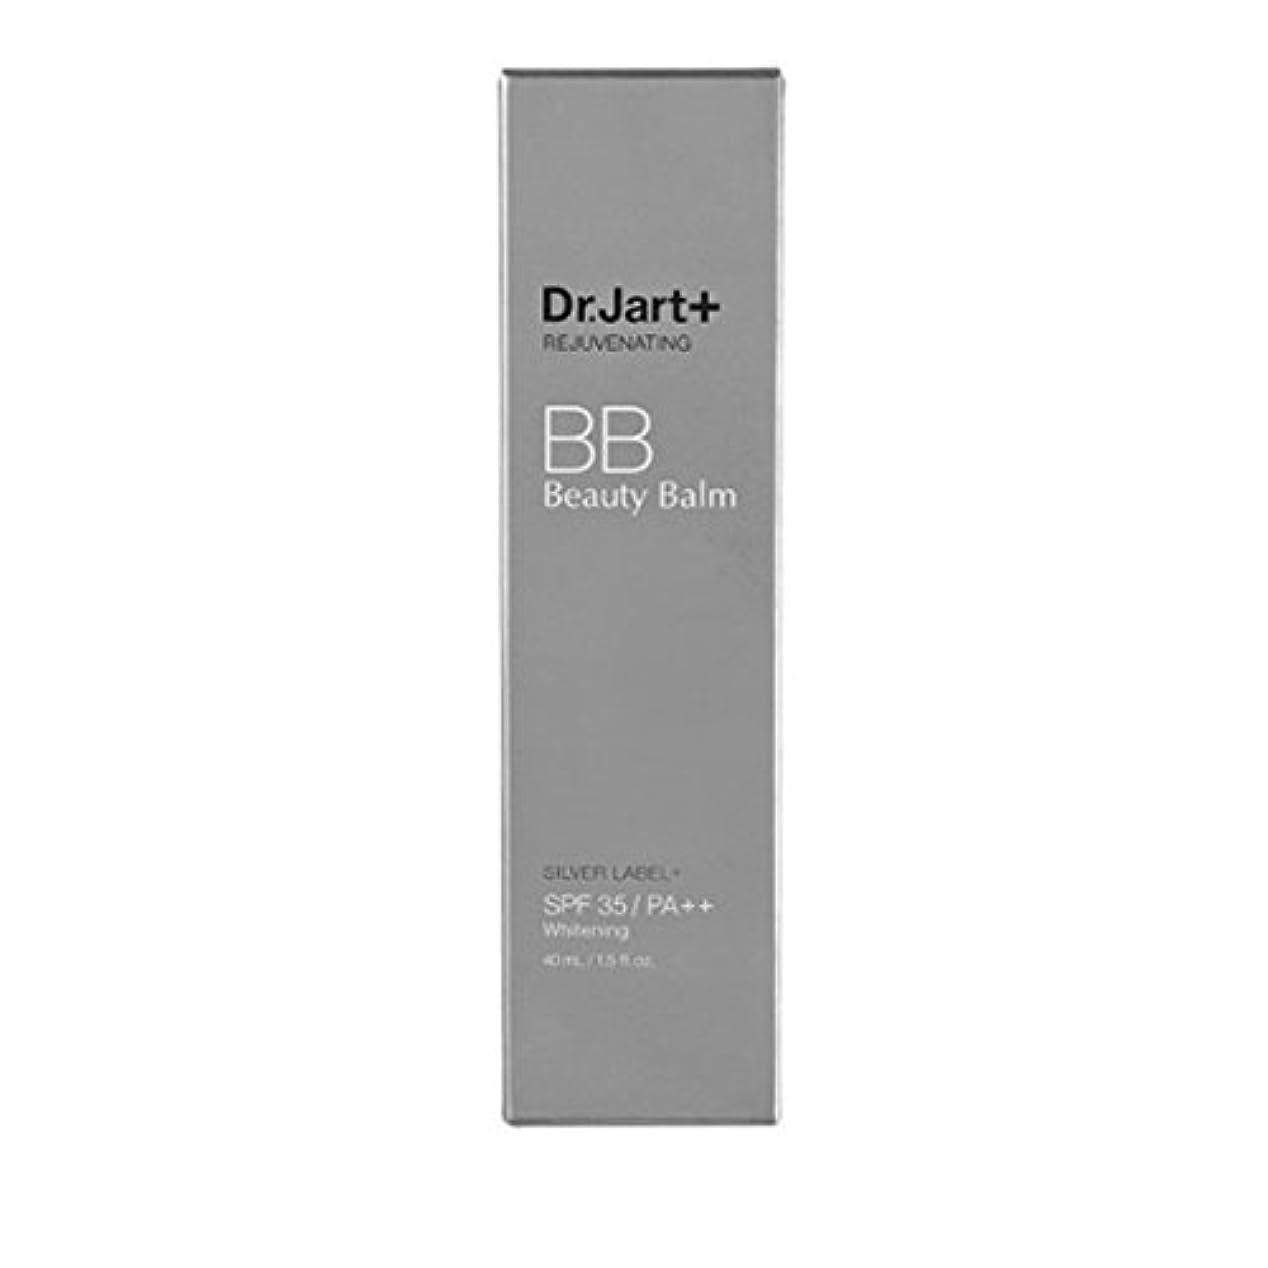 移動解くドルドクタージャルトゥ(Dr.Jart+) リージュビネイティンビューティーbalm 40ml x 2本セットシルバーラベルBBクリーム (SPF35 / PA++)、Dr.Jart+ Rejuvenating Beauty...